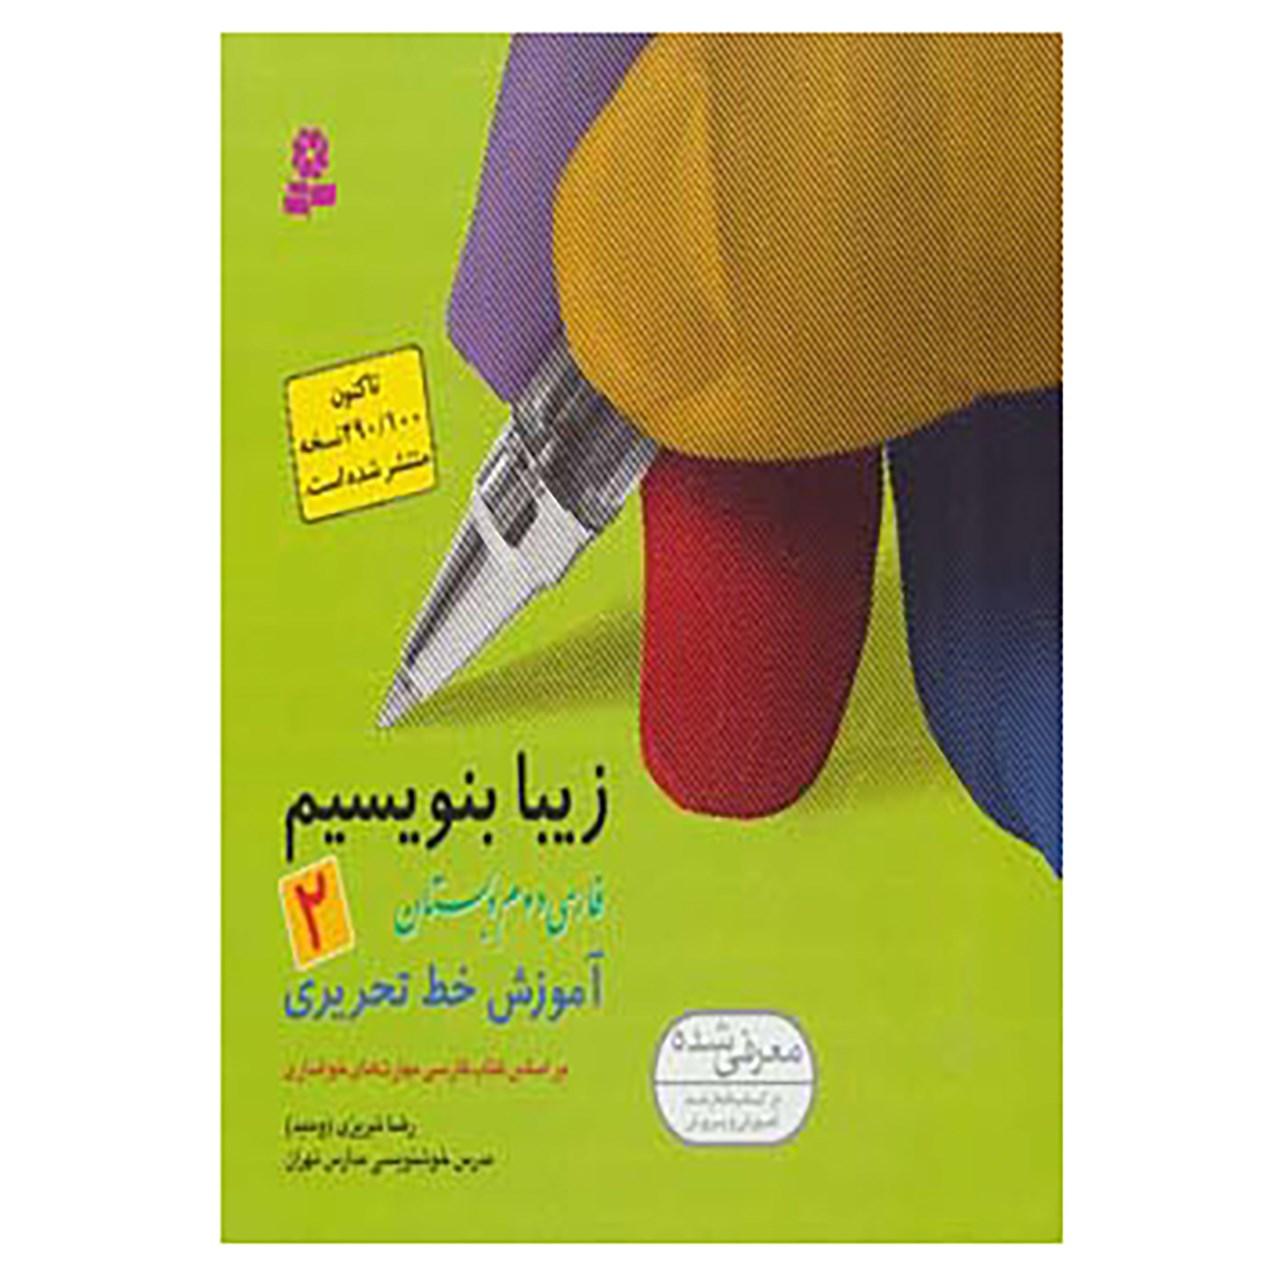 خرید                      کتاب زیبا بنویسیم 2 اثر رضا تبریزی